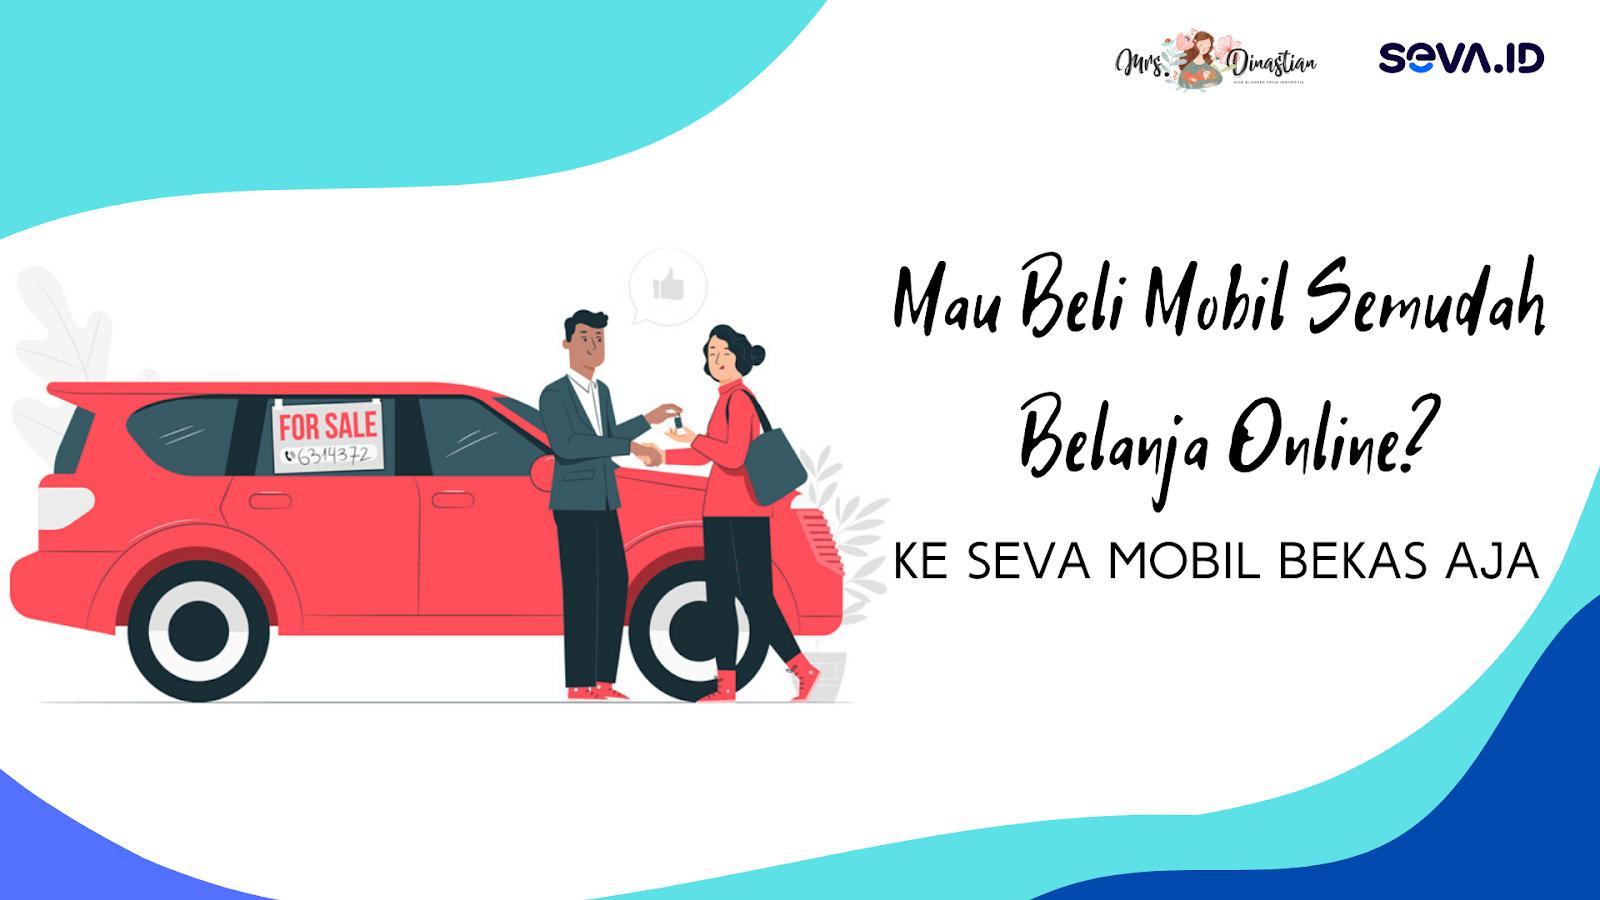 Seva Mobil Bekas, Beli Mobil Semudah Belanja Online